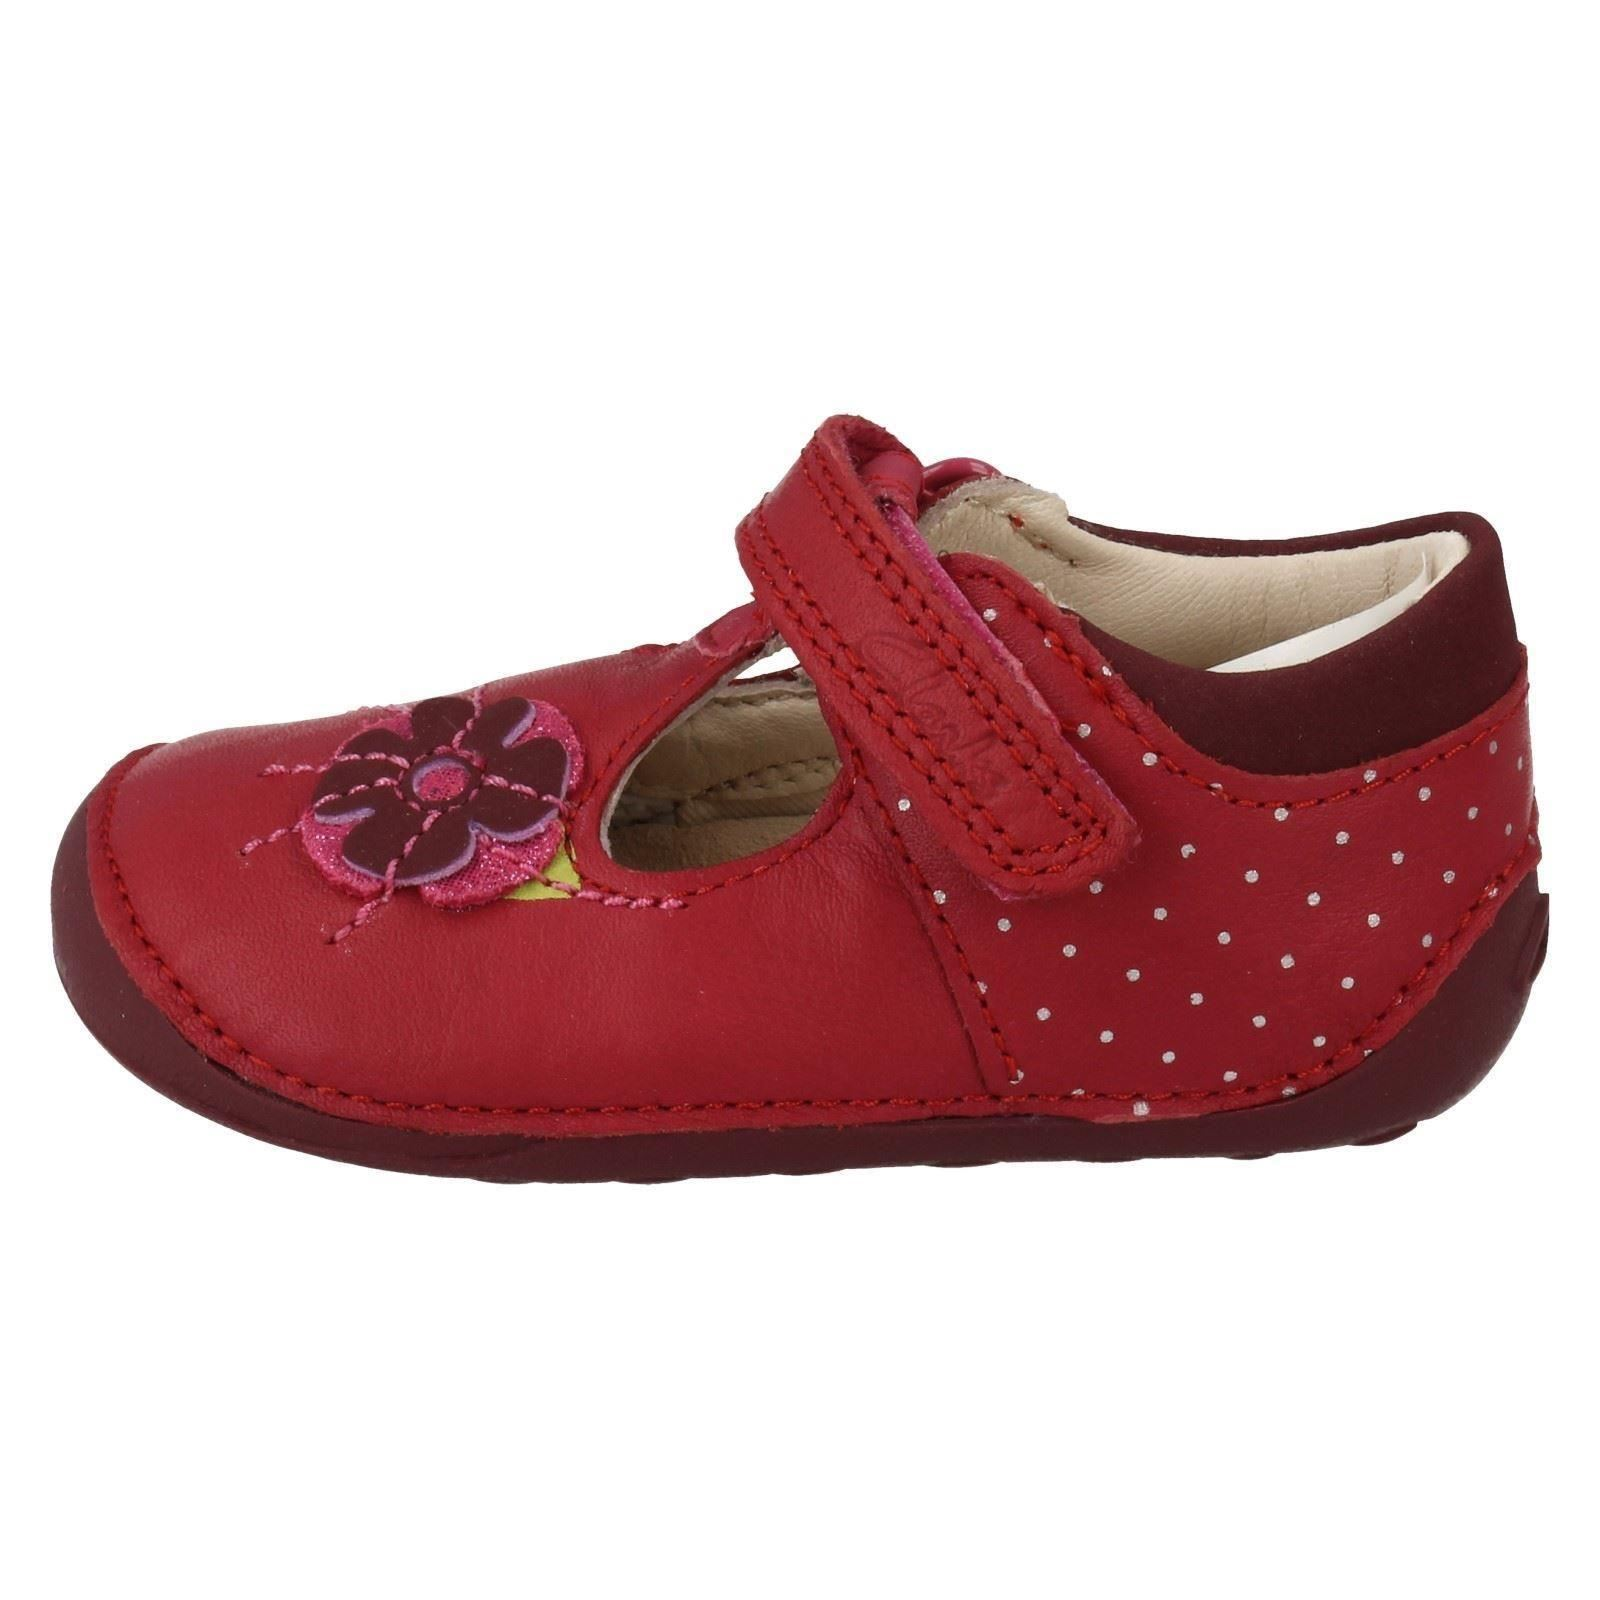 Girls Clarks Shoes - Little Poppy